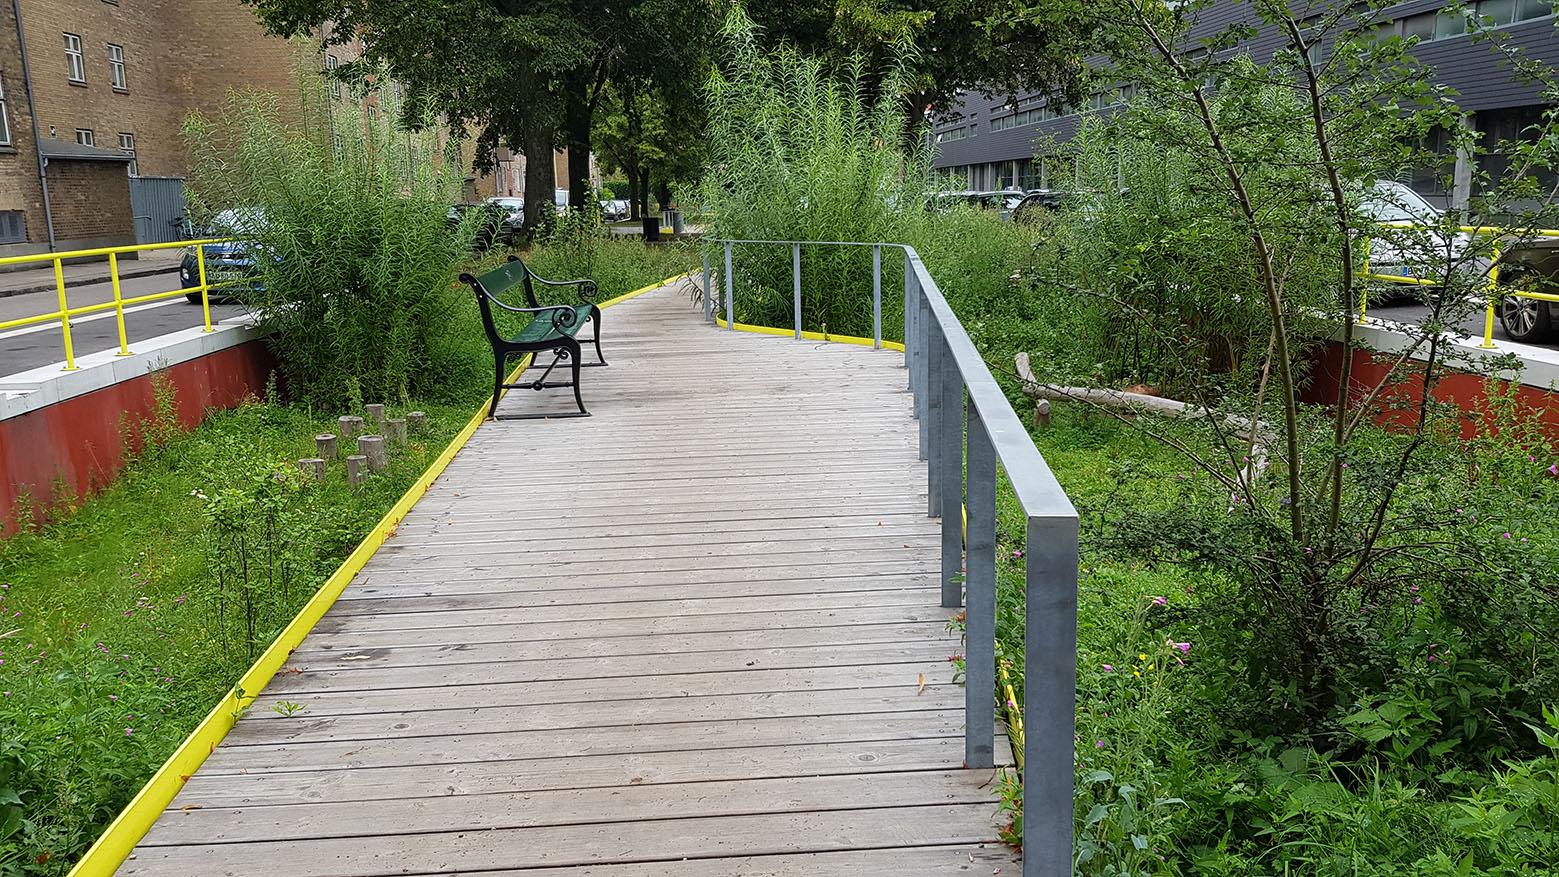 Kanterne til gangbroerne er designet i farverigt materiale, der fanger øjet. Selve broen er bygget i træ.